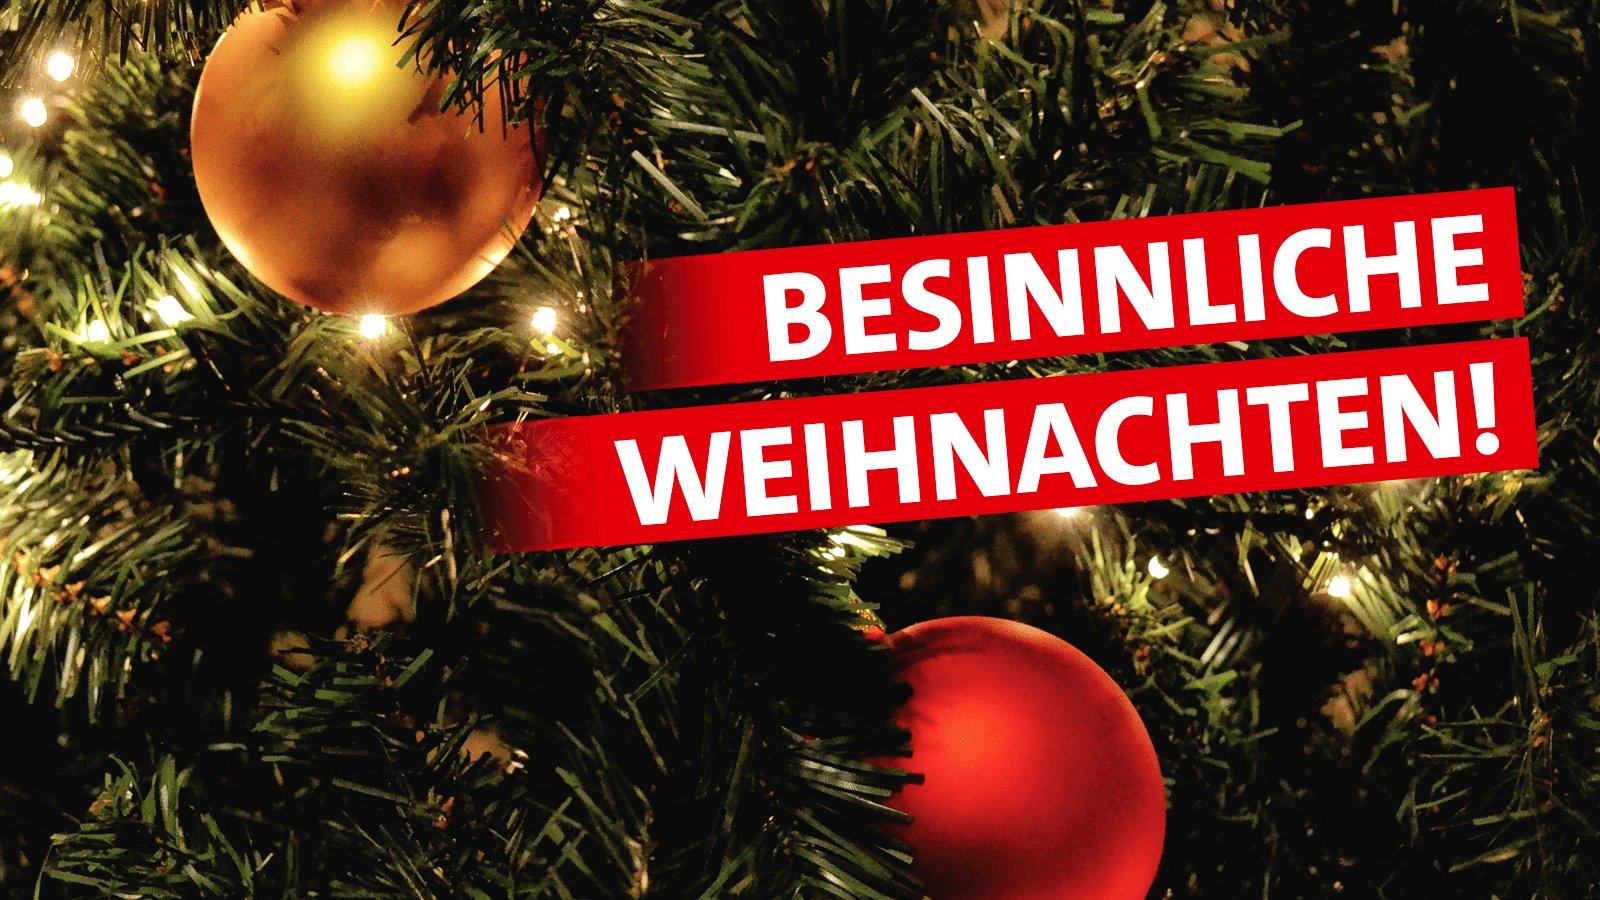 Besinnliche Weihnachten Und Einen Guten Rutsch Ins Neue Jahr.Besinnliches Weihnachtsfest Und Guten Rutsch Ins Neue Jahr 2019